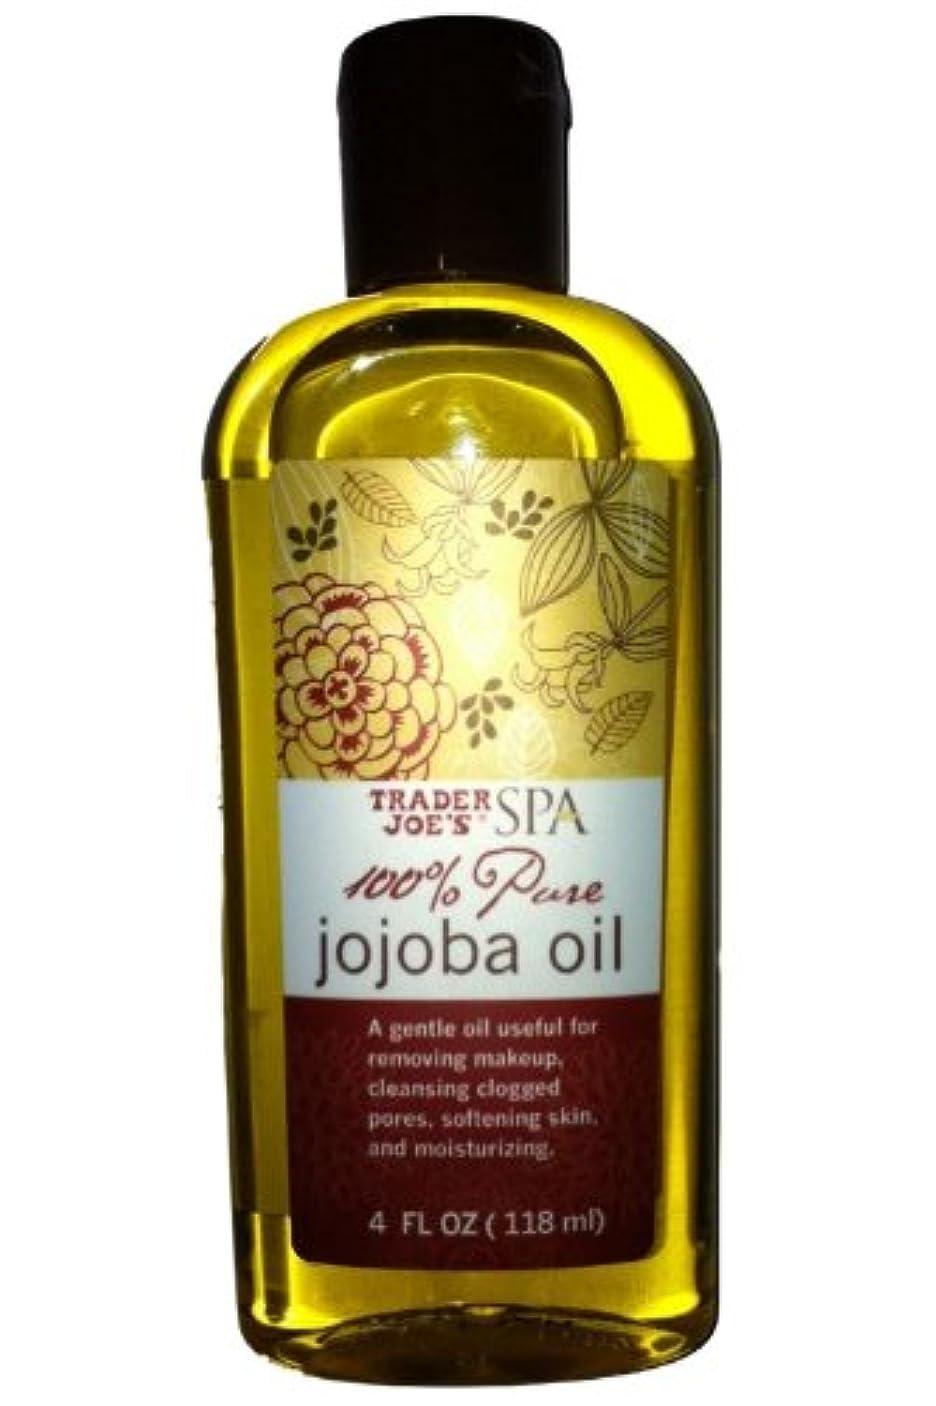 ビル生き残りアピールトレーダージョーズ 100%ピュア ホホバオイル[並行輸入品] Trader Joe's SPA 100% Pure Jojoba Oil (4FL OZ/118ml)